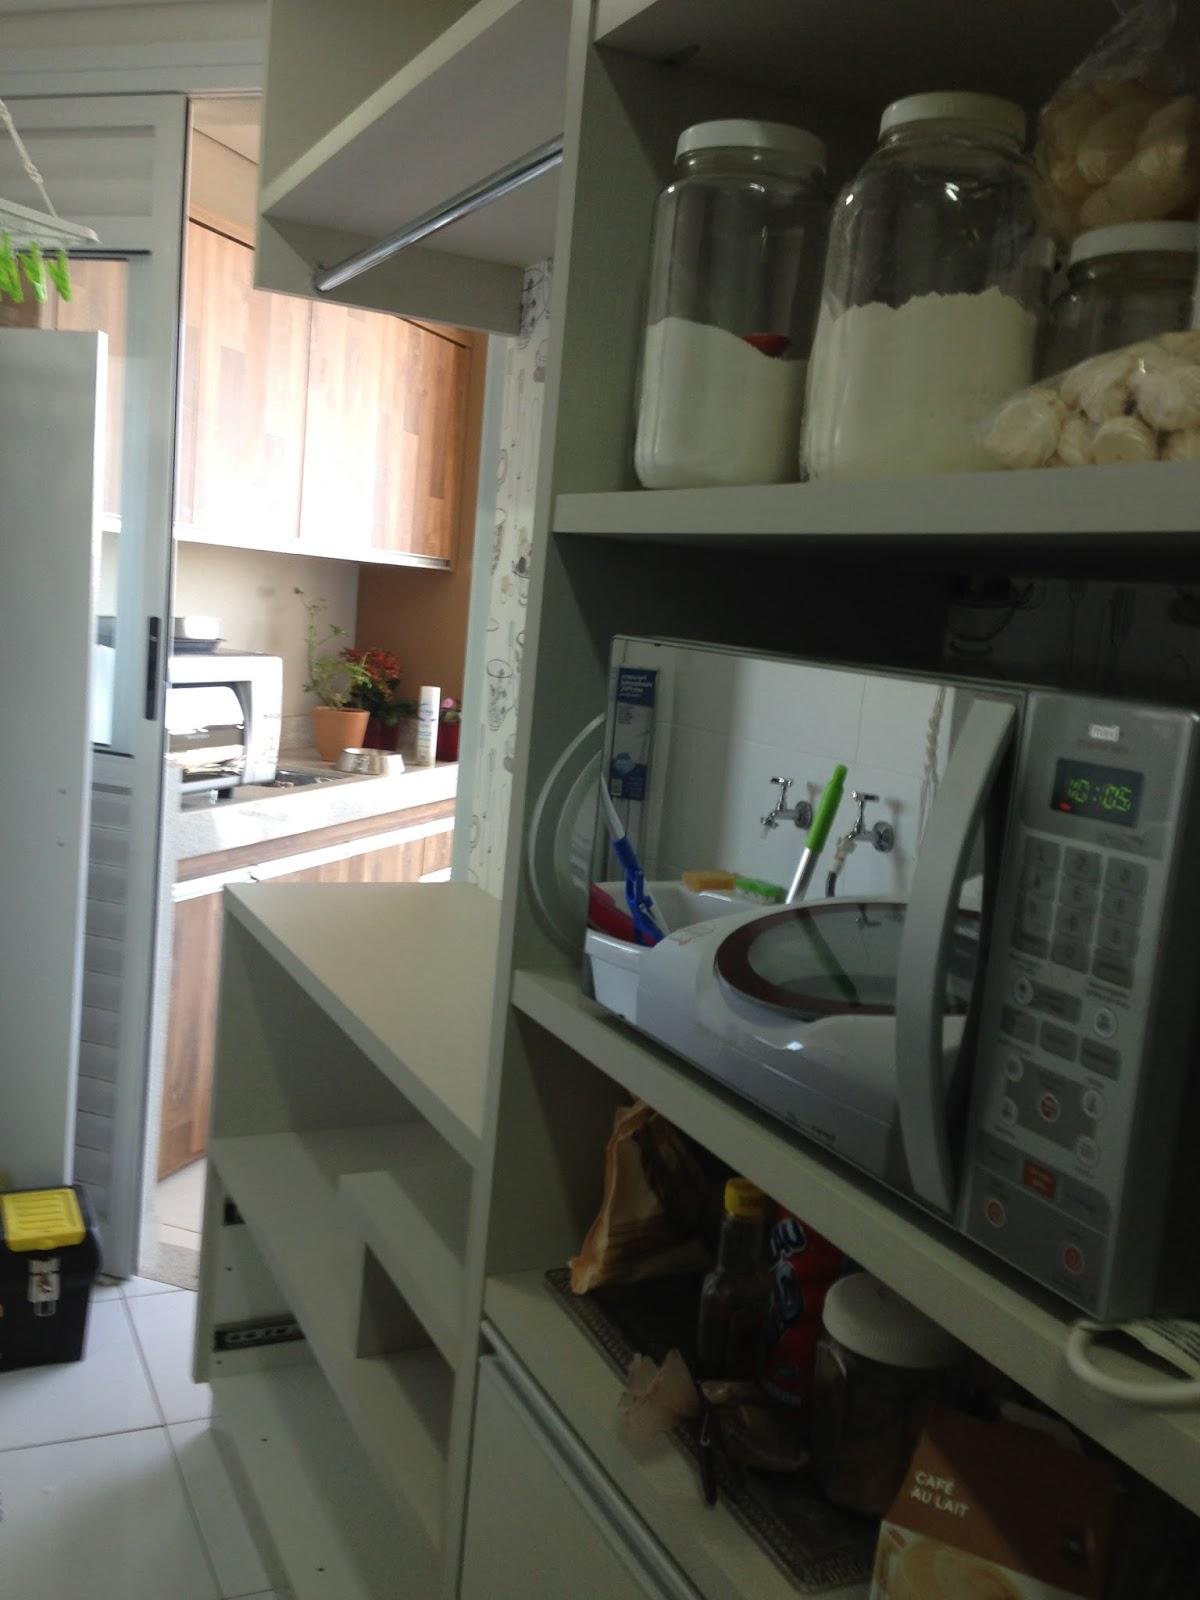 cozinha/área de serviço quando mudei em maio e de como está hoje em #654932 1200 1600